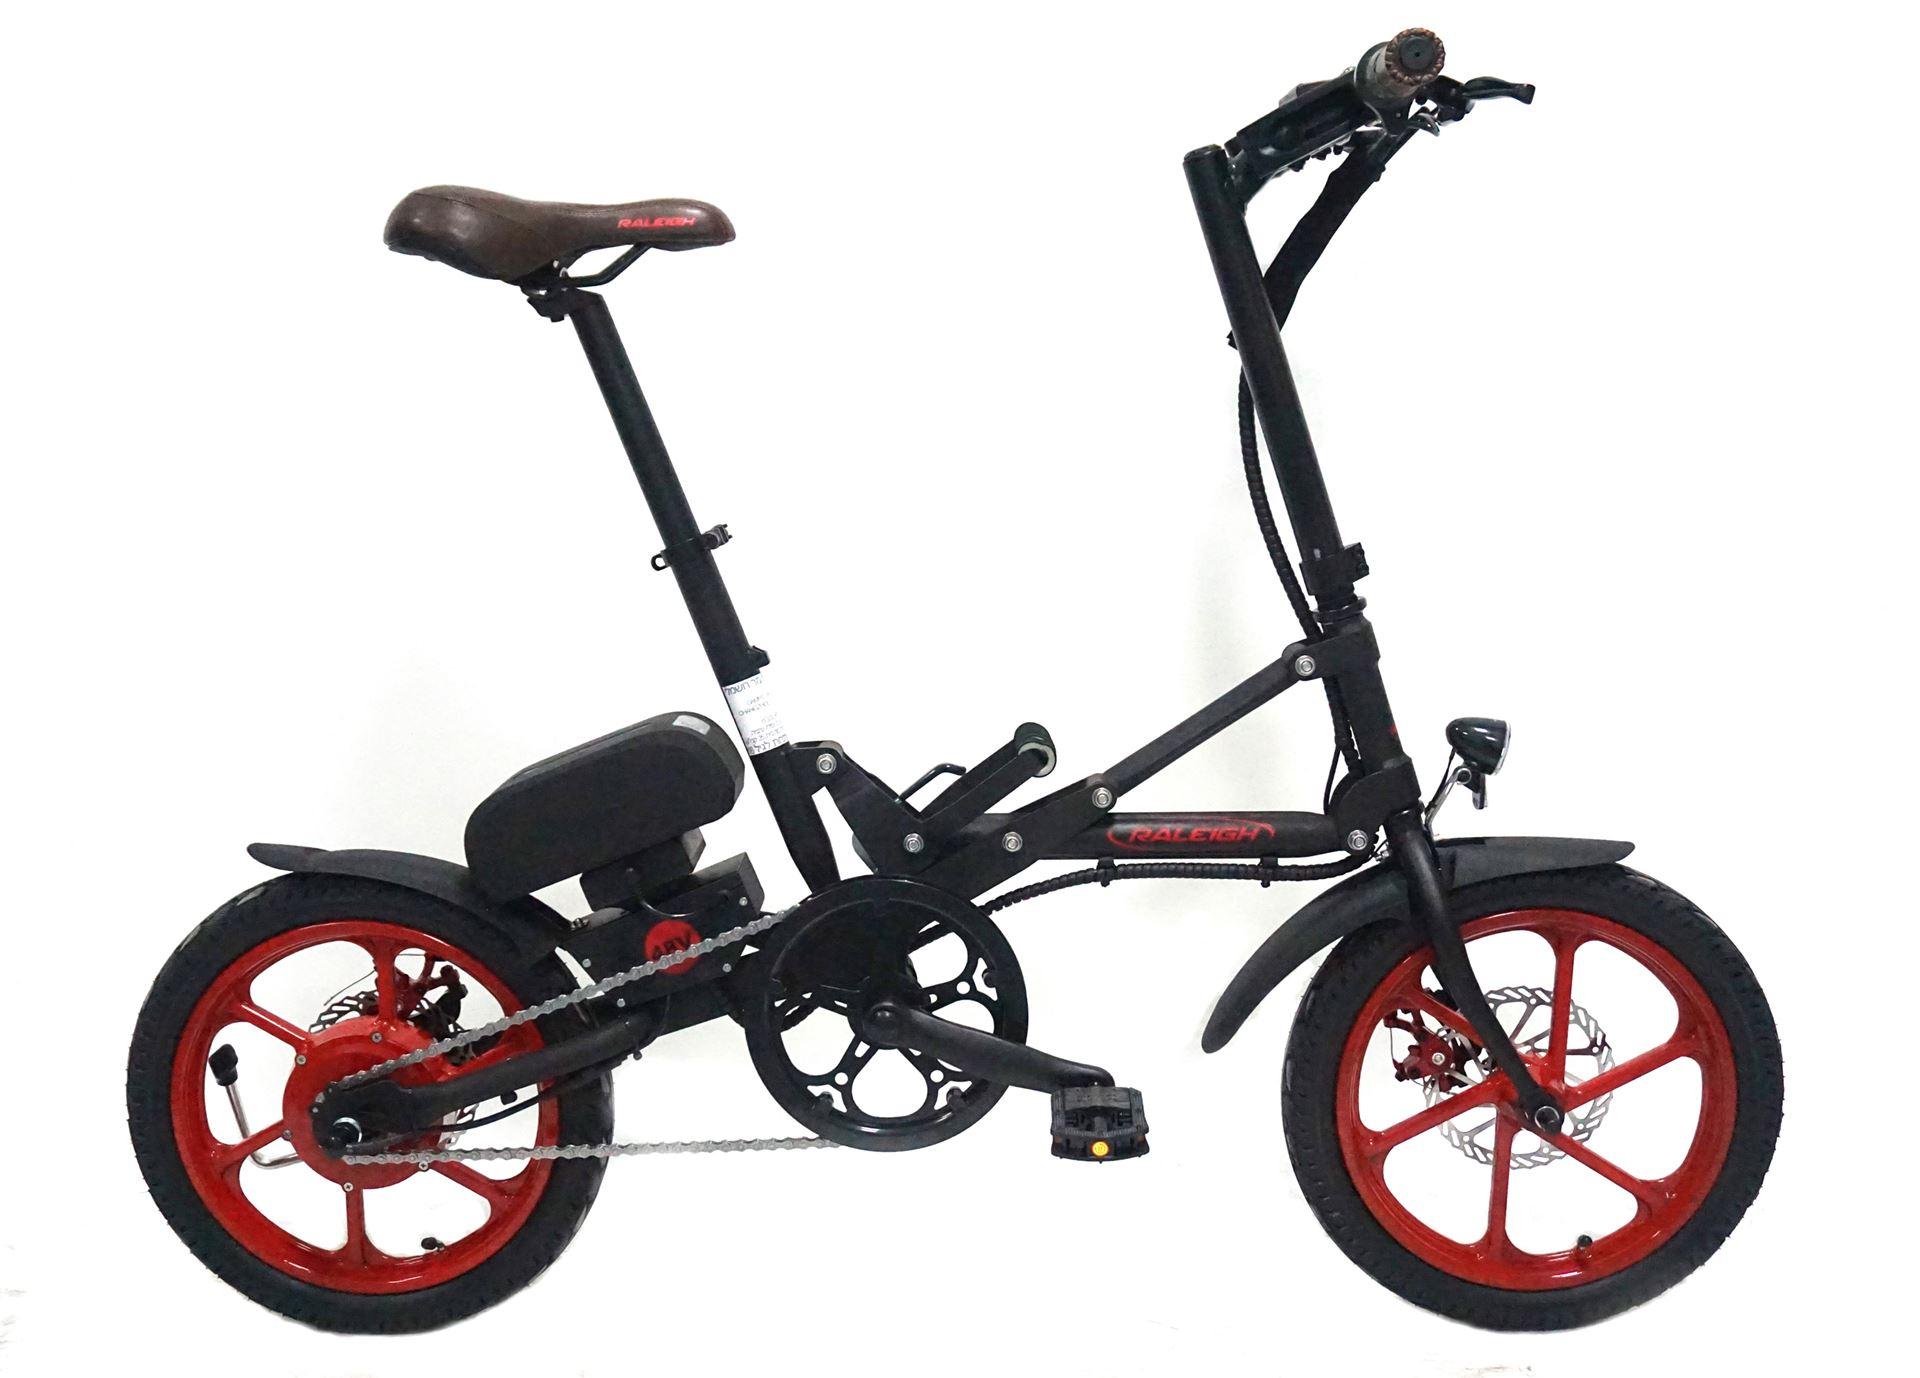 מעולה אופניים חשמליים, אופניים חשמליות - מצמן את מרוץ - מצמן את מרוץ HM-38